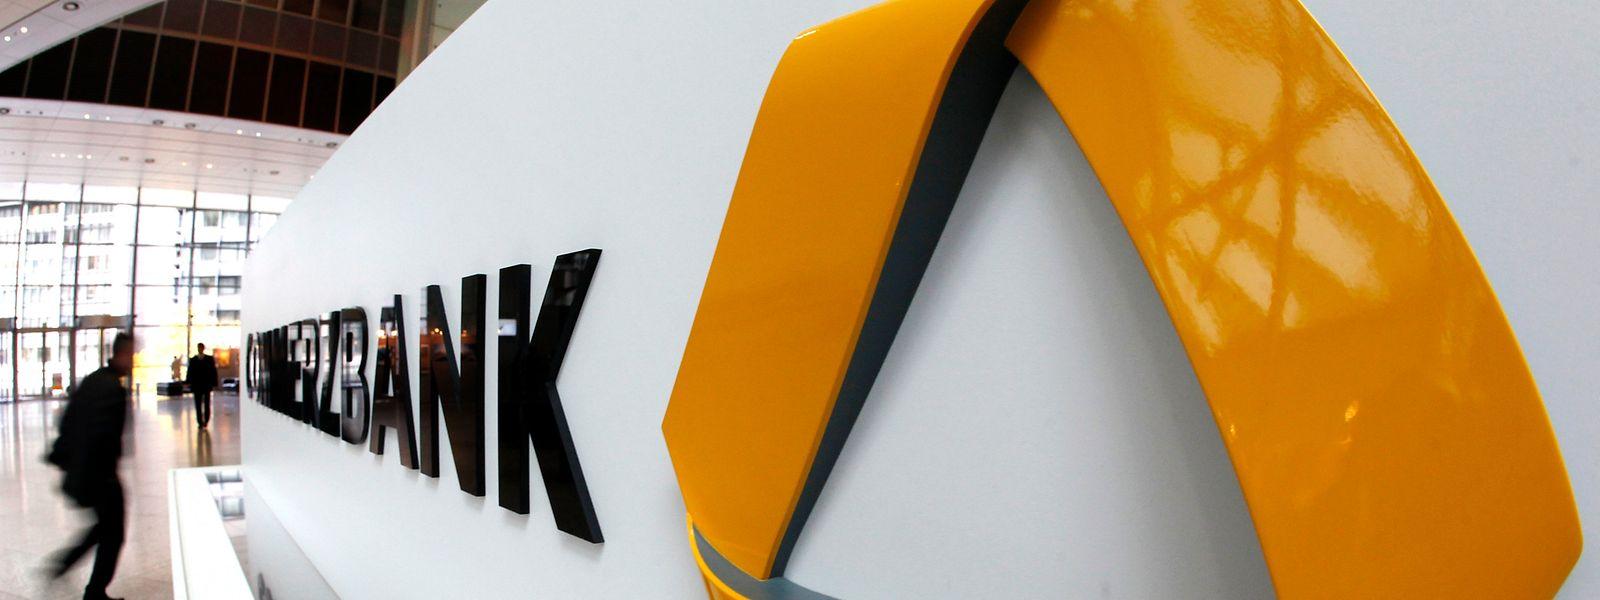 Die Aktivitäten der Luxemburger Filiale der Commerzbank konzentrieren sich auf das Firmenkundengeschäft.